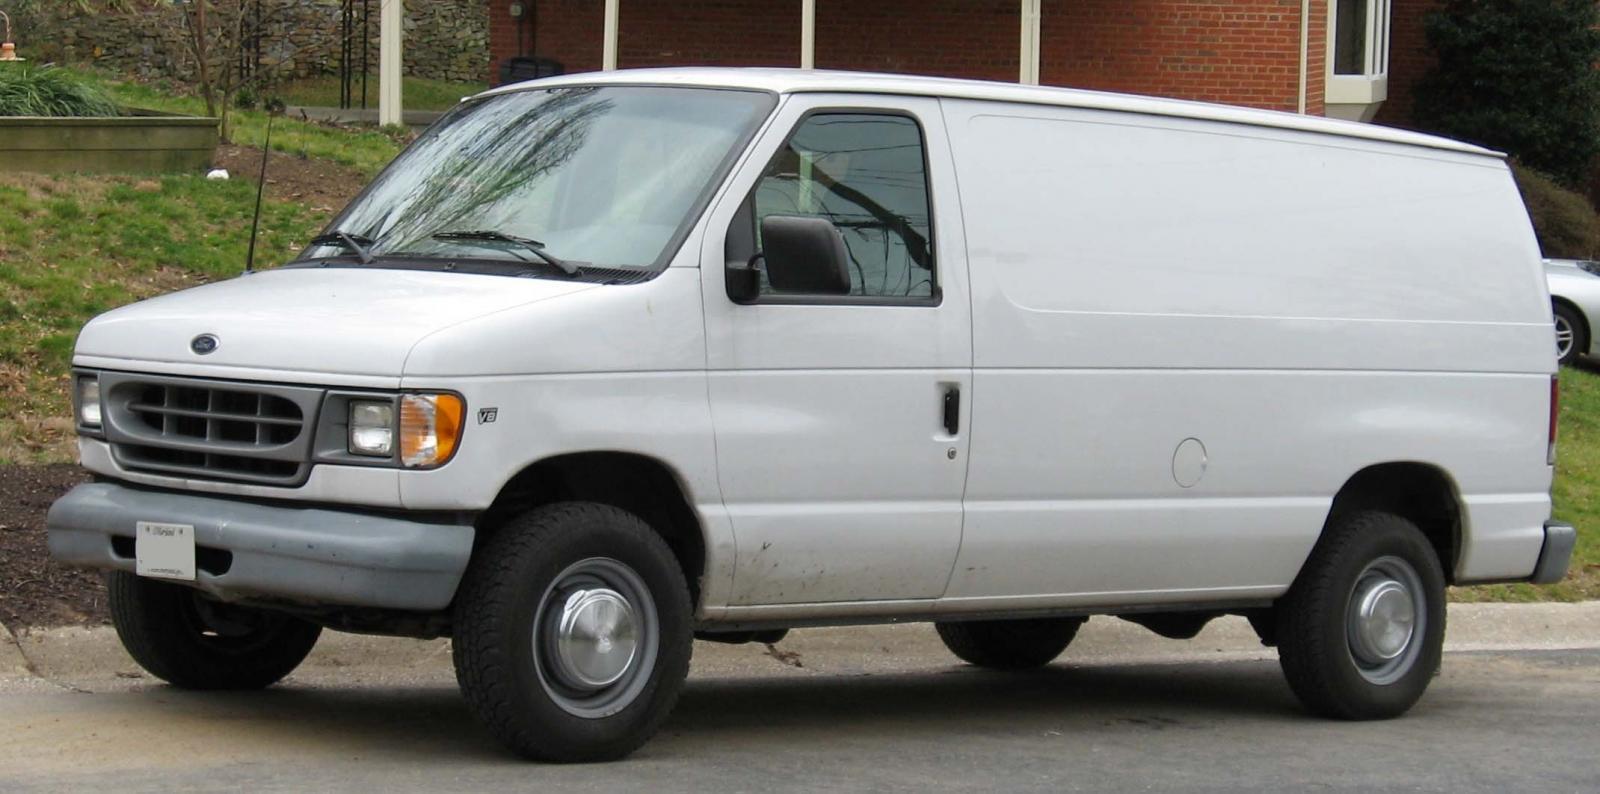 800 1024 1280 1600 origin 1999 ford econoline